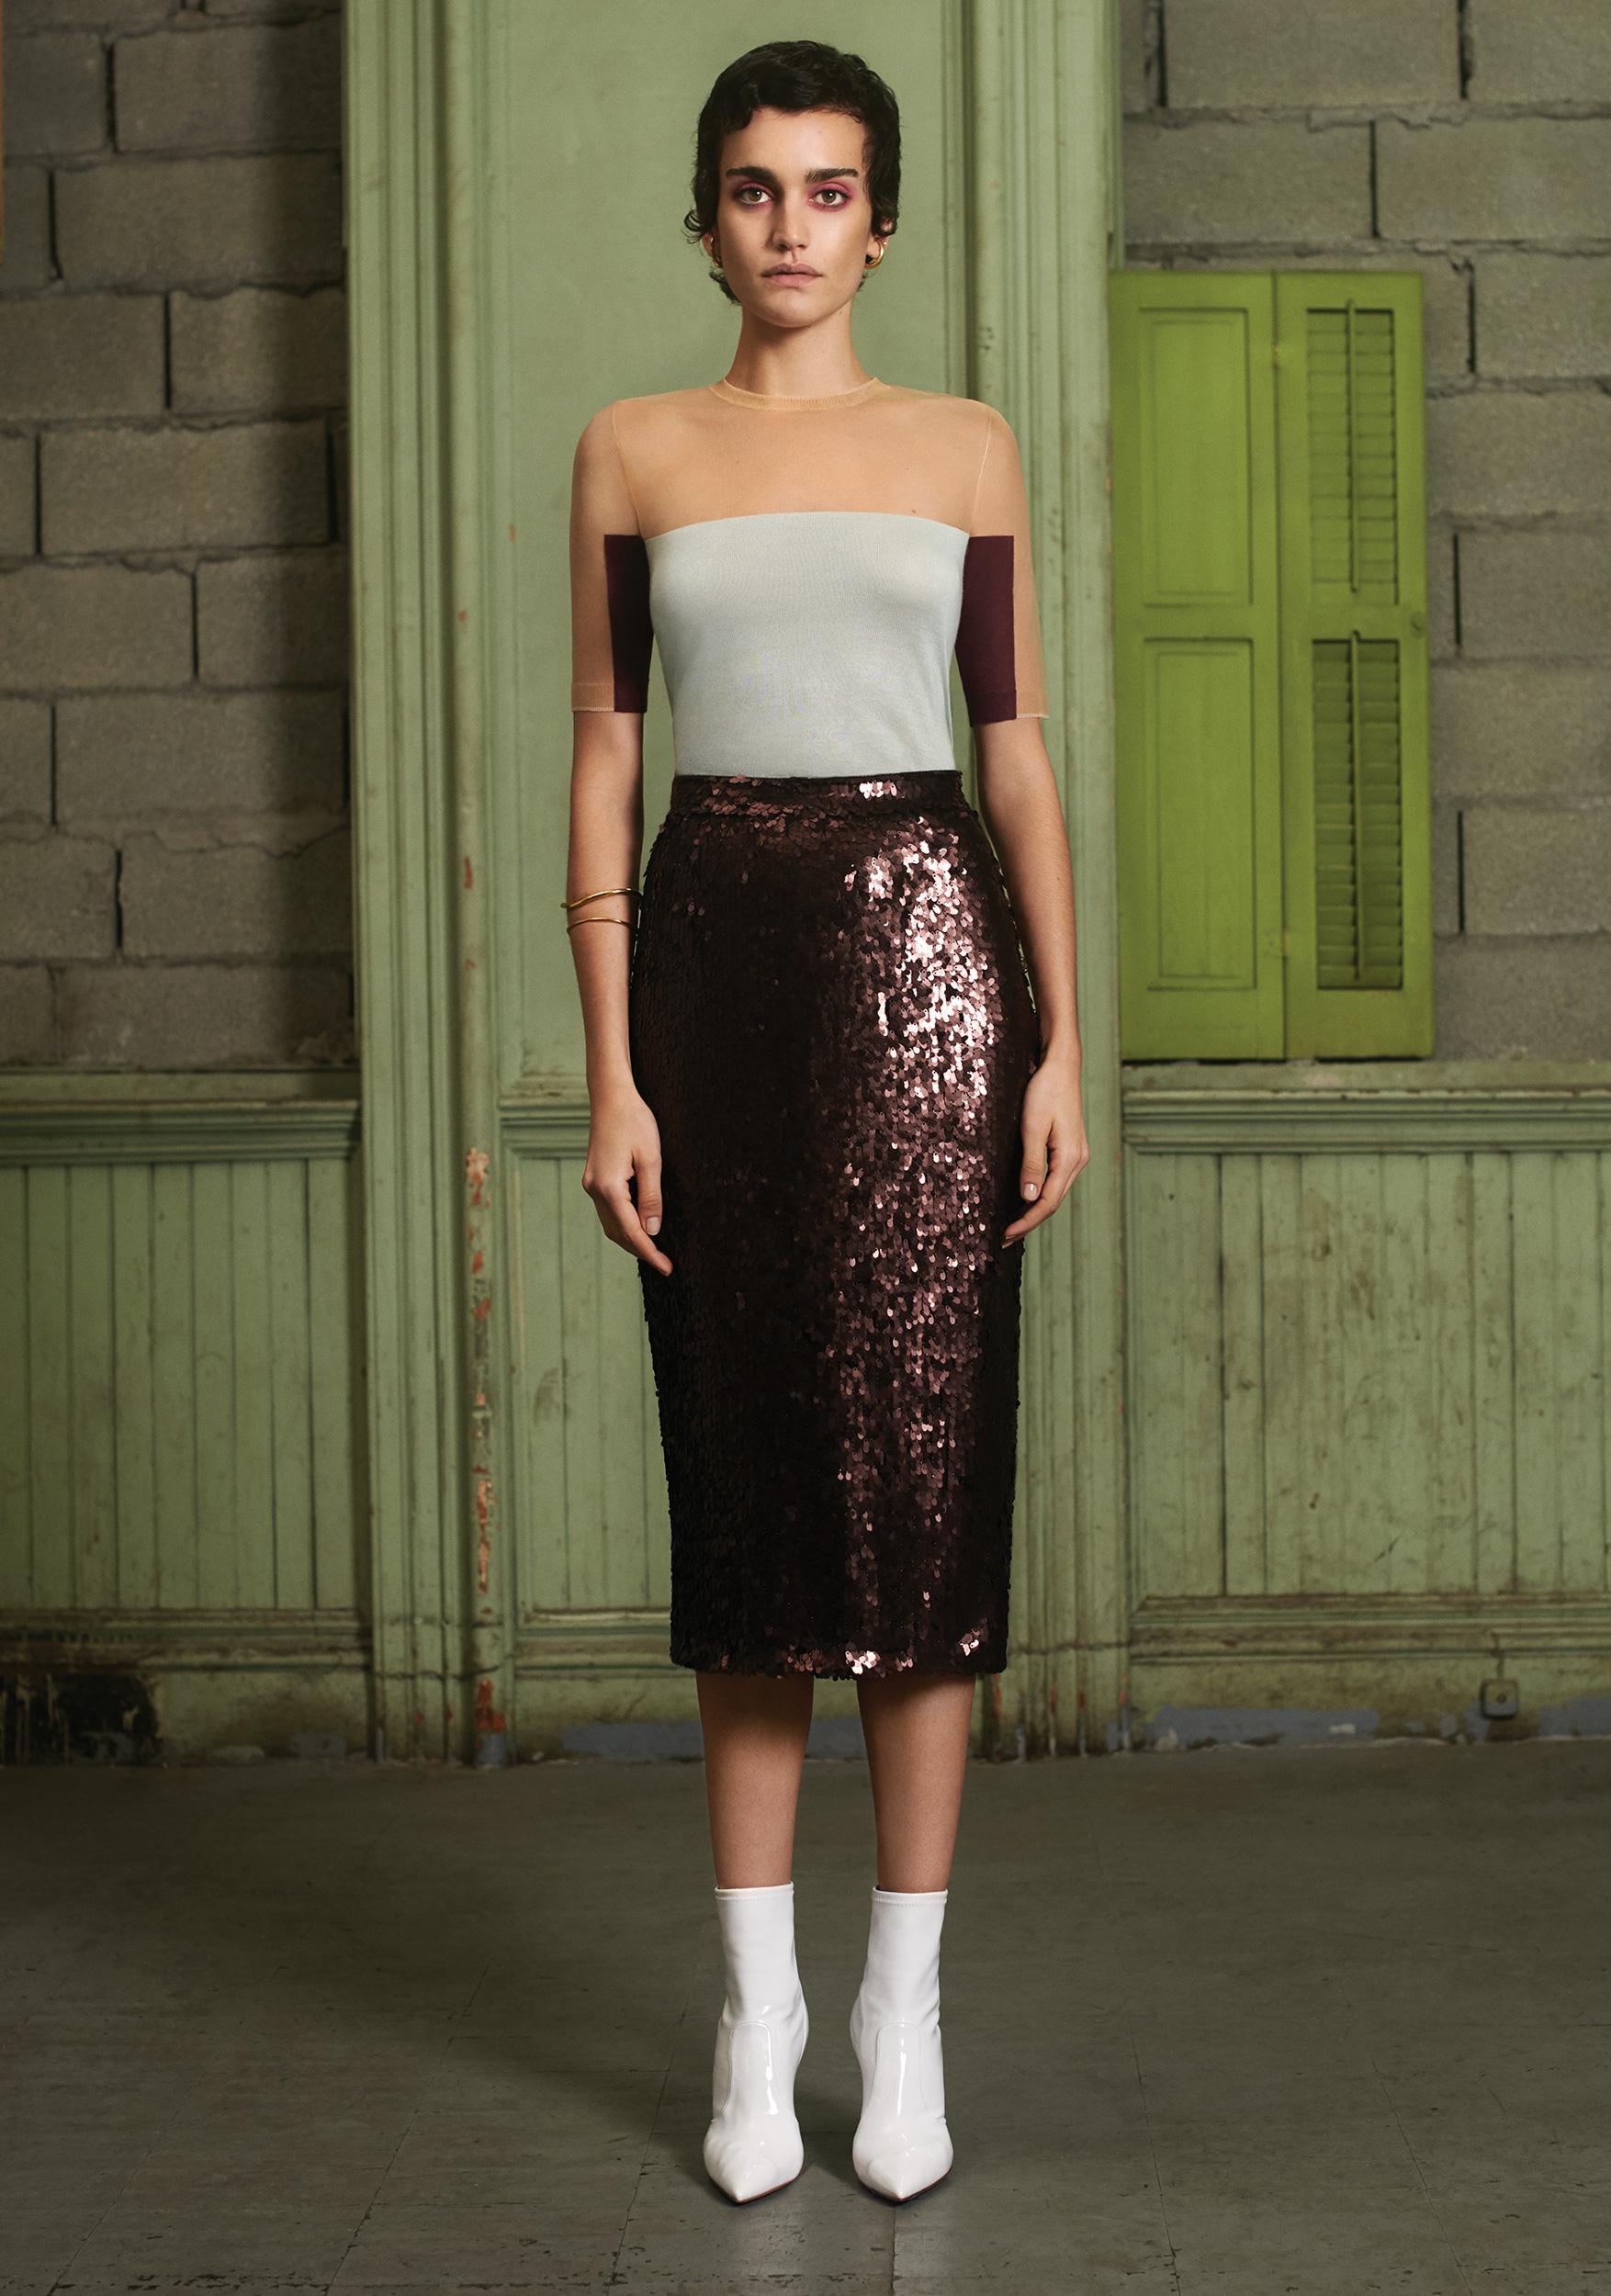 JULIANNA-BASS-SS19-12-Justine-Sweater-Belinda-Sequin-Skirt.jpg